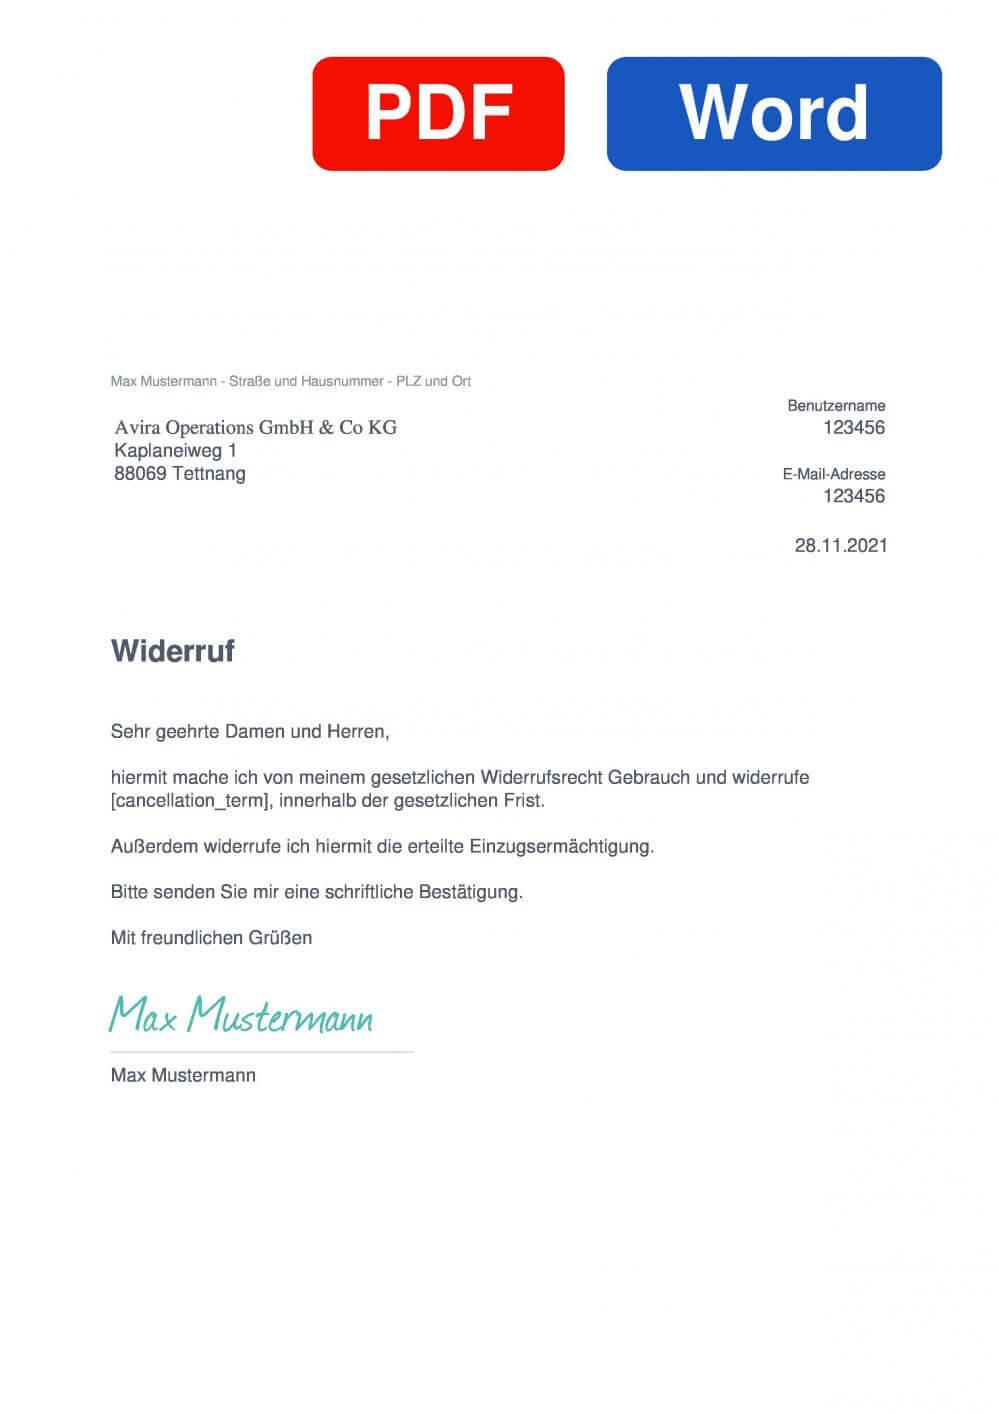 Avira Muster Vorlage für Wiederrufsschreiben